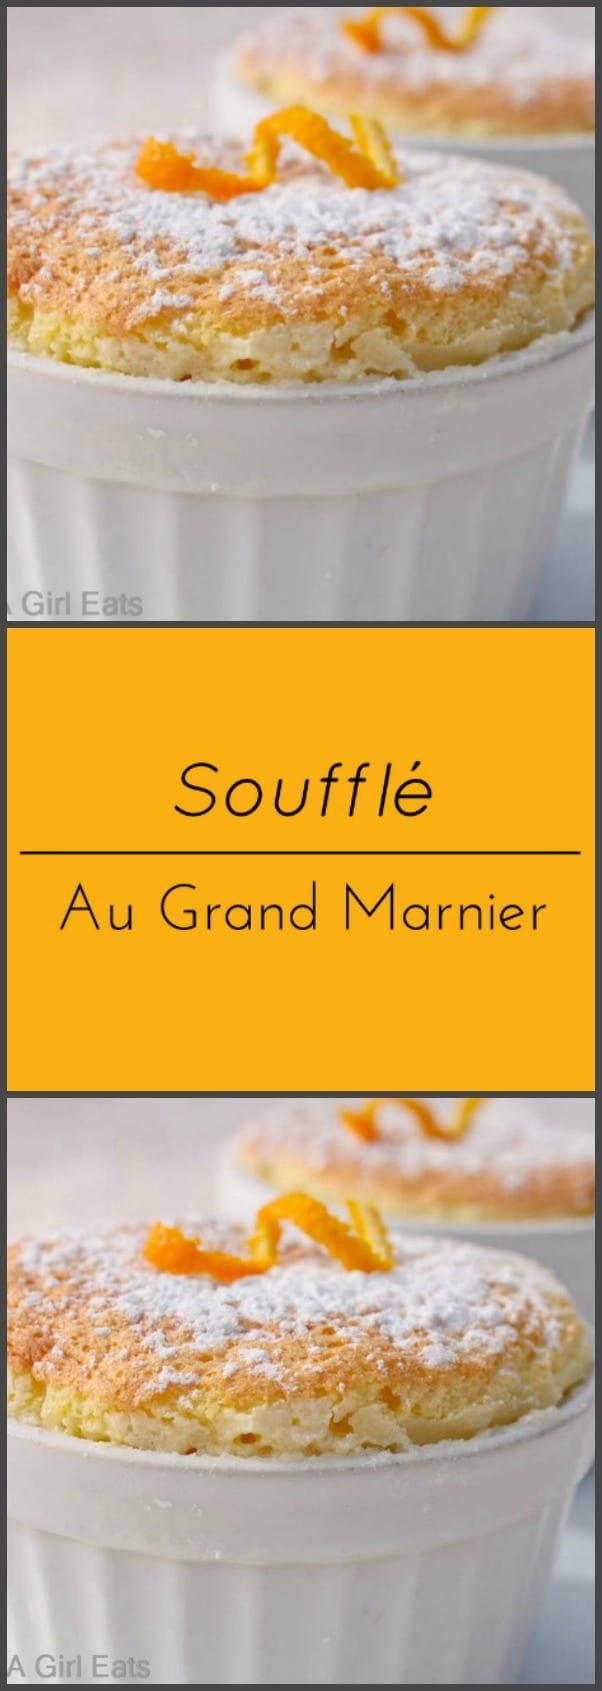 Souffle au Grand Marnier.